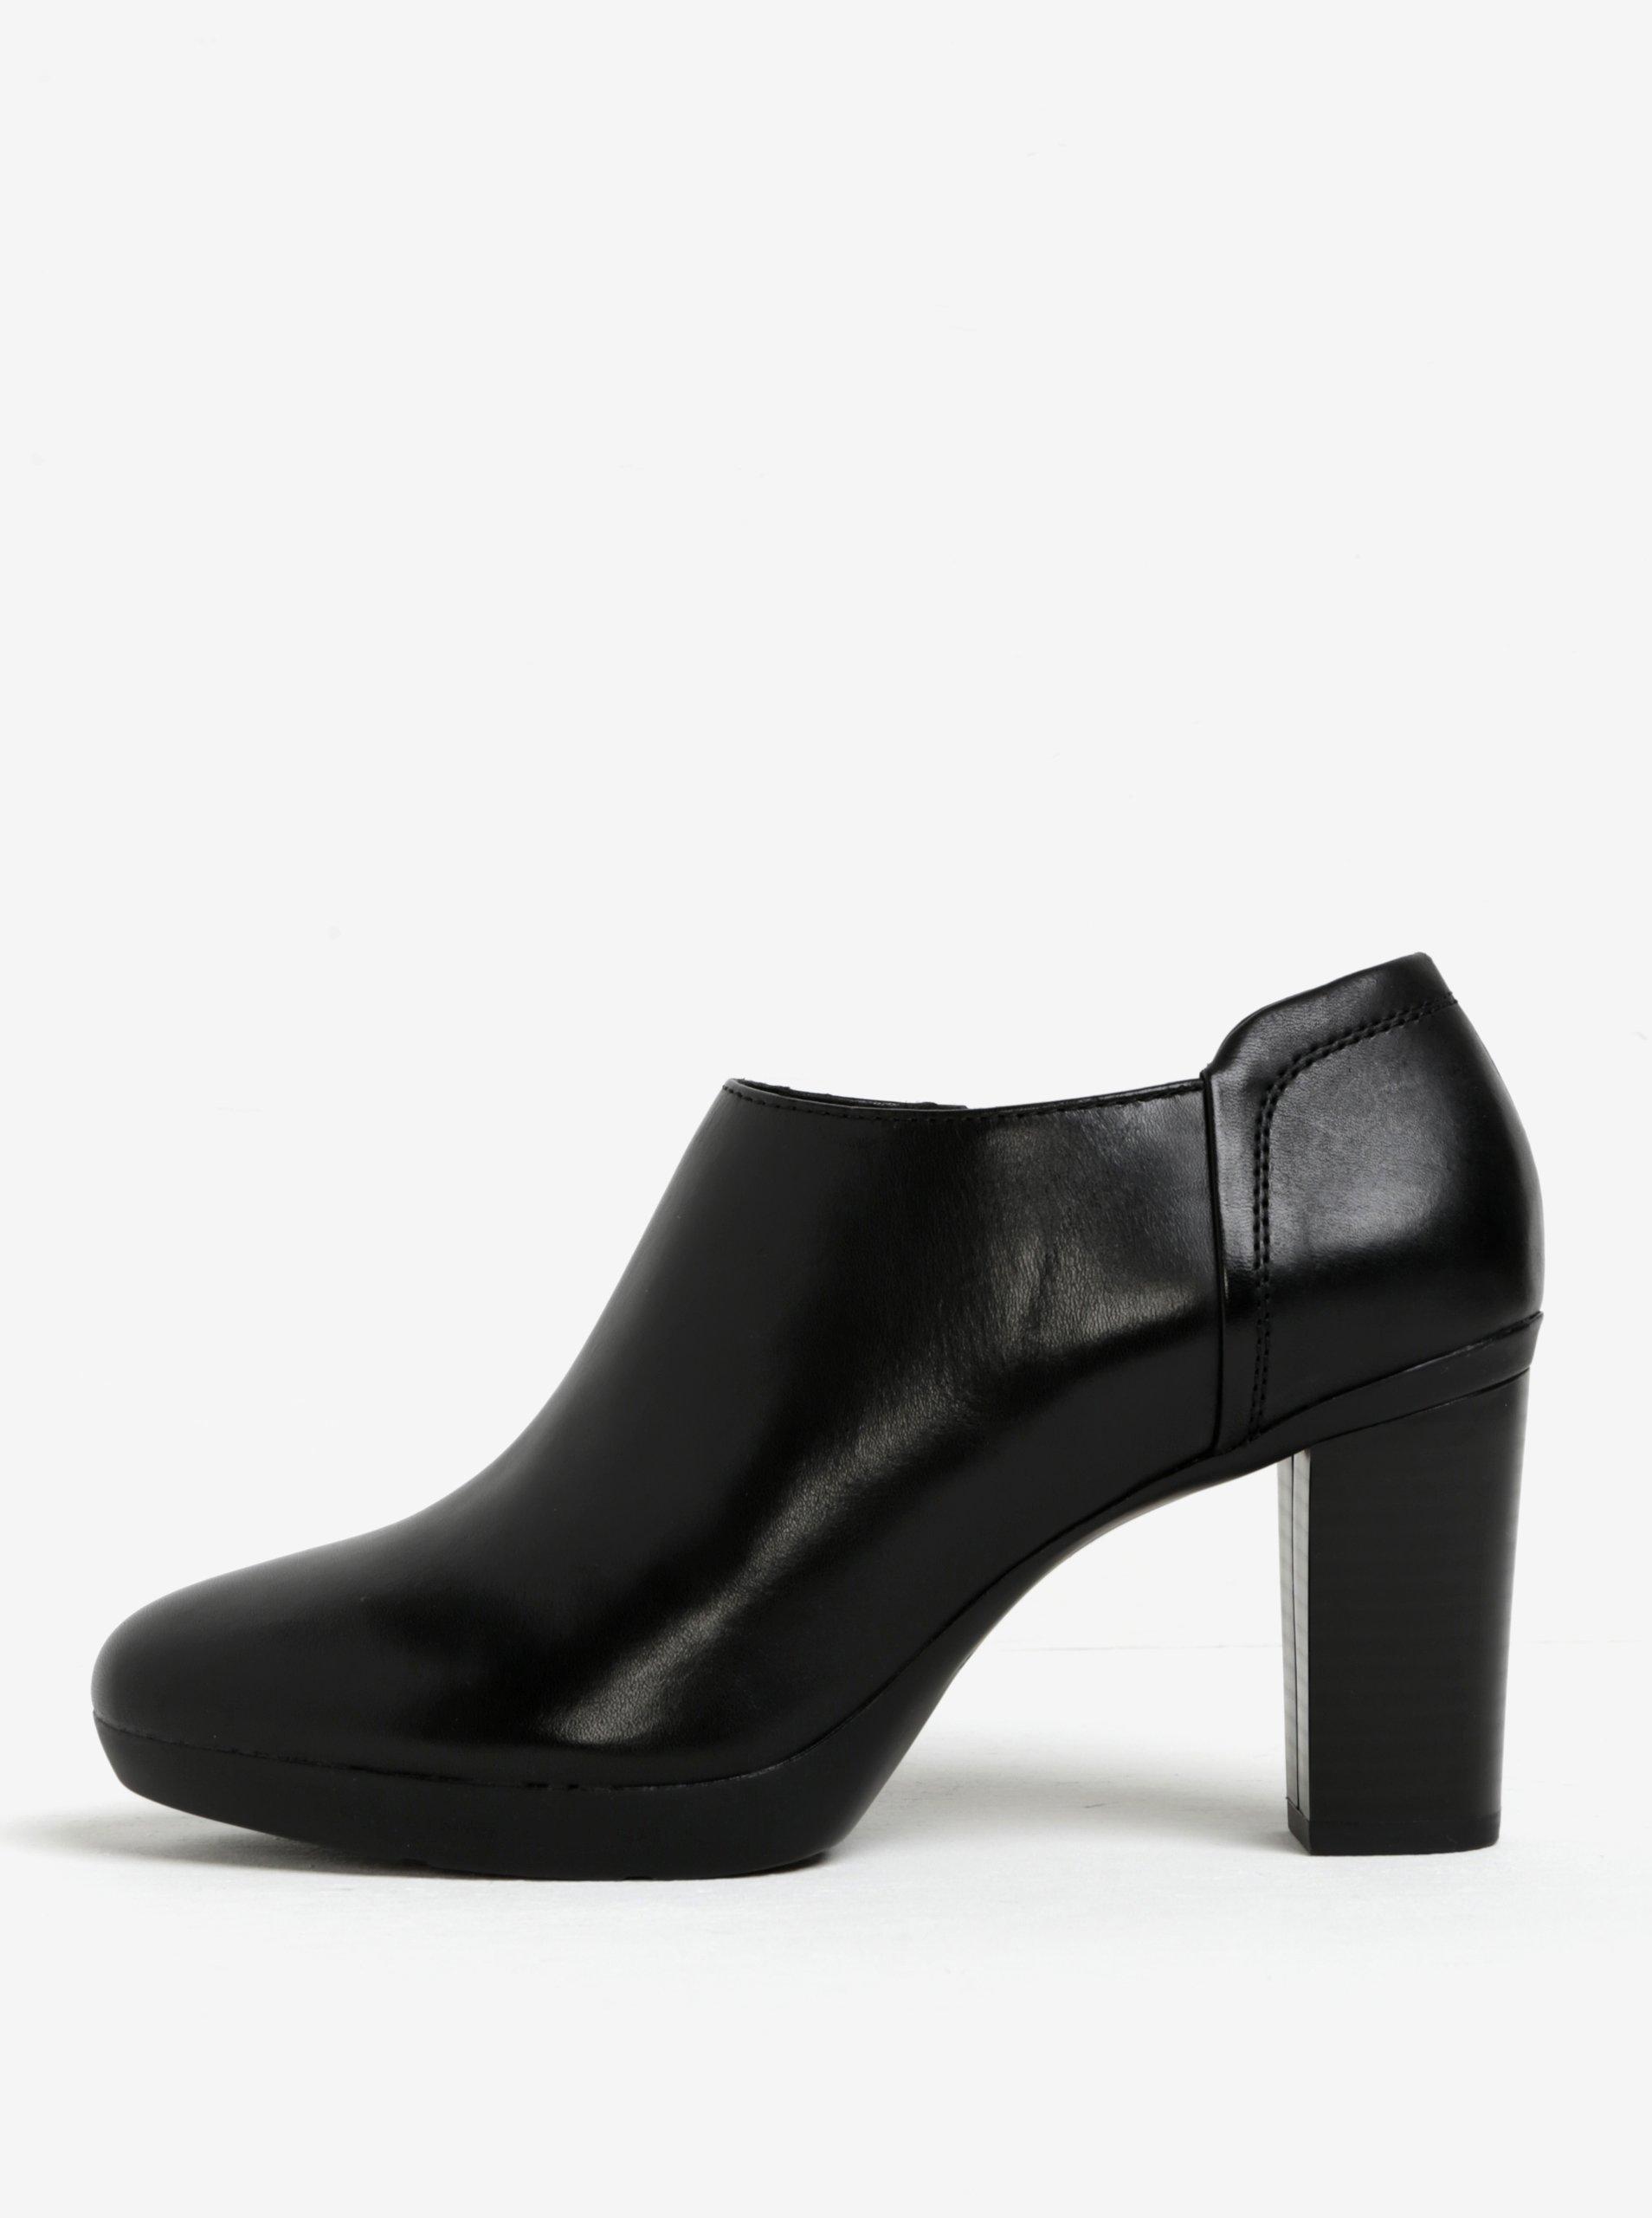 Černé kožené boty na podpatku Geox Inspirat